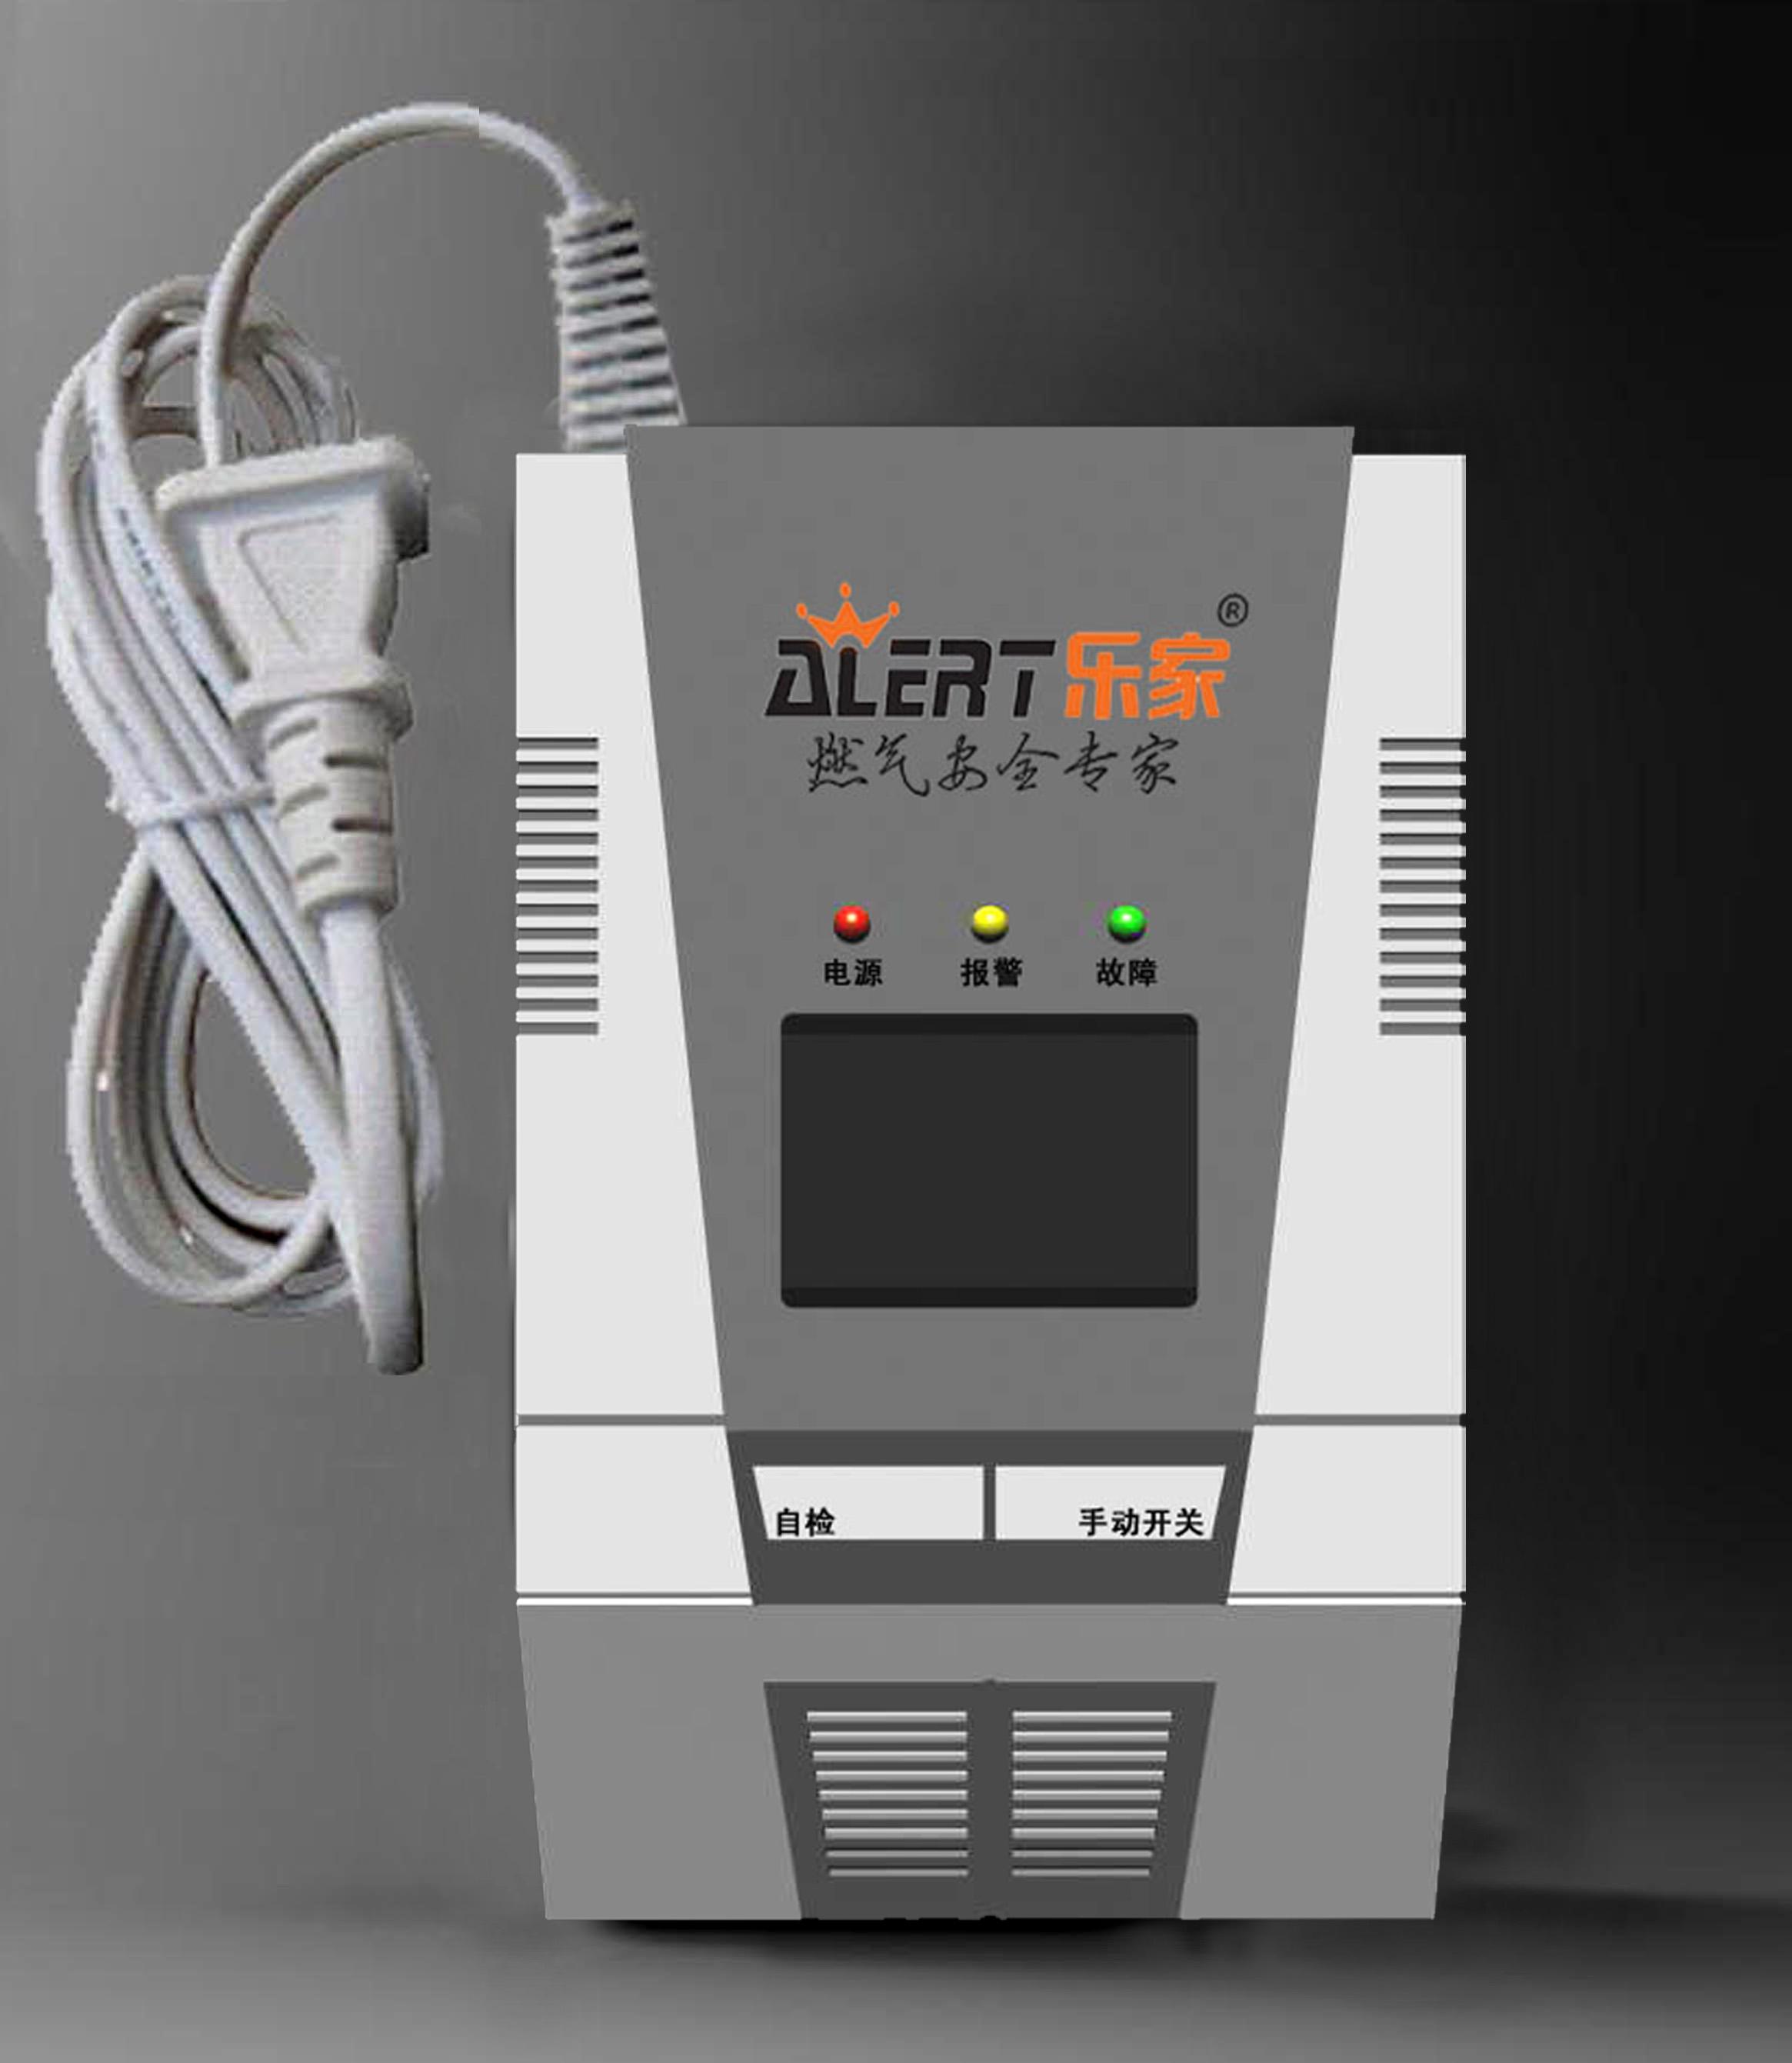 燃气报警器外观设计